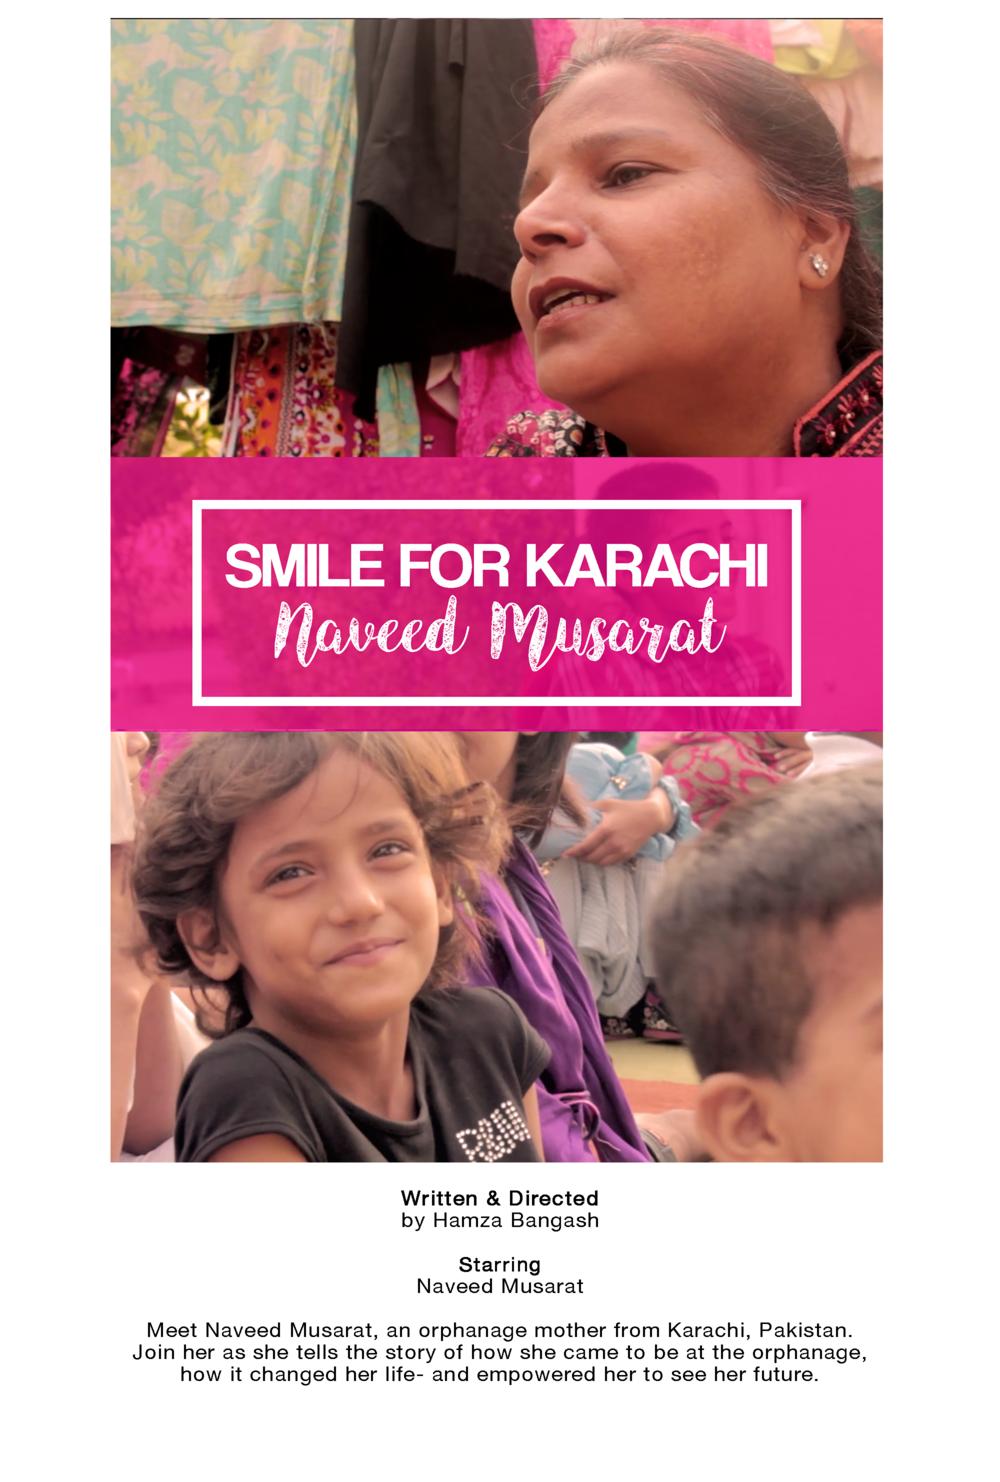 Smile for Karachi: Naveed Musarat